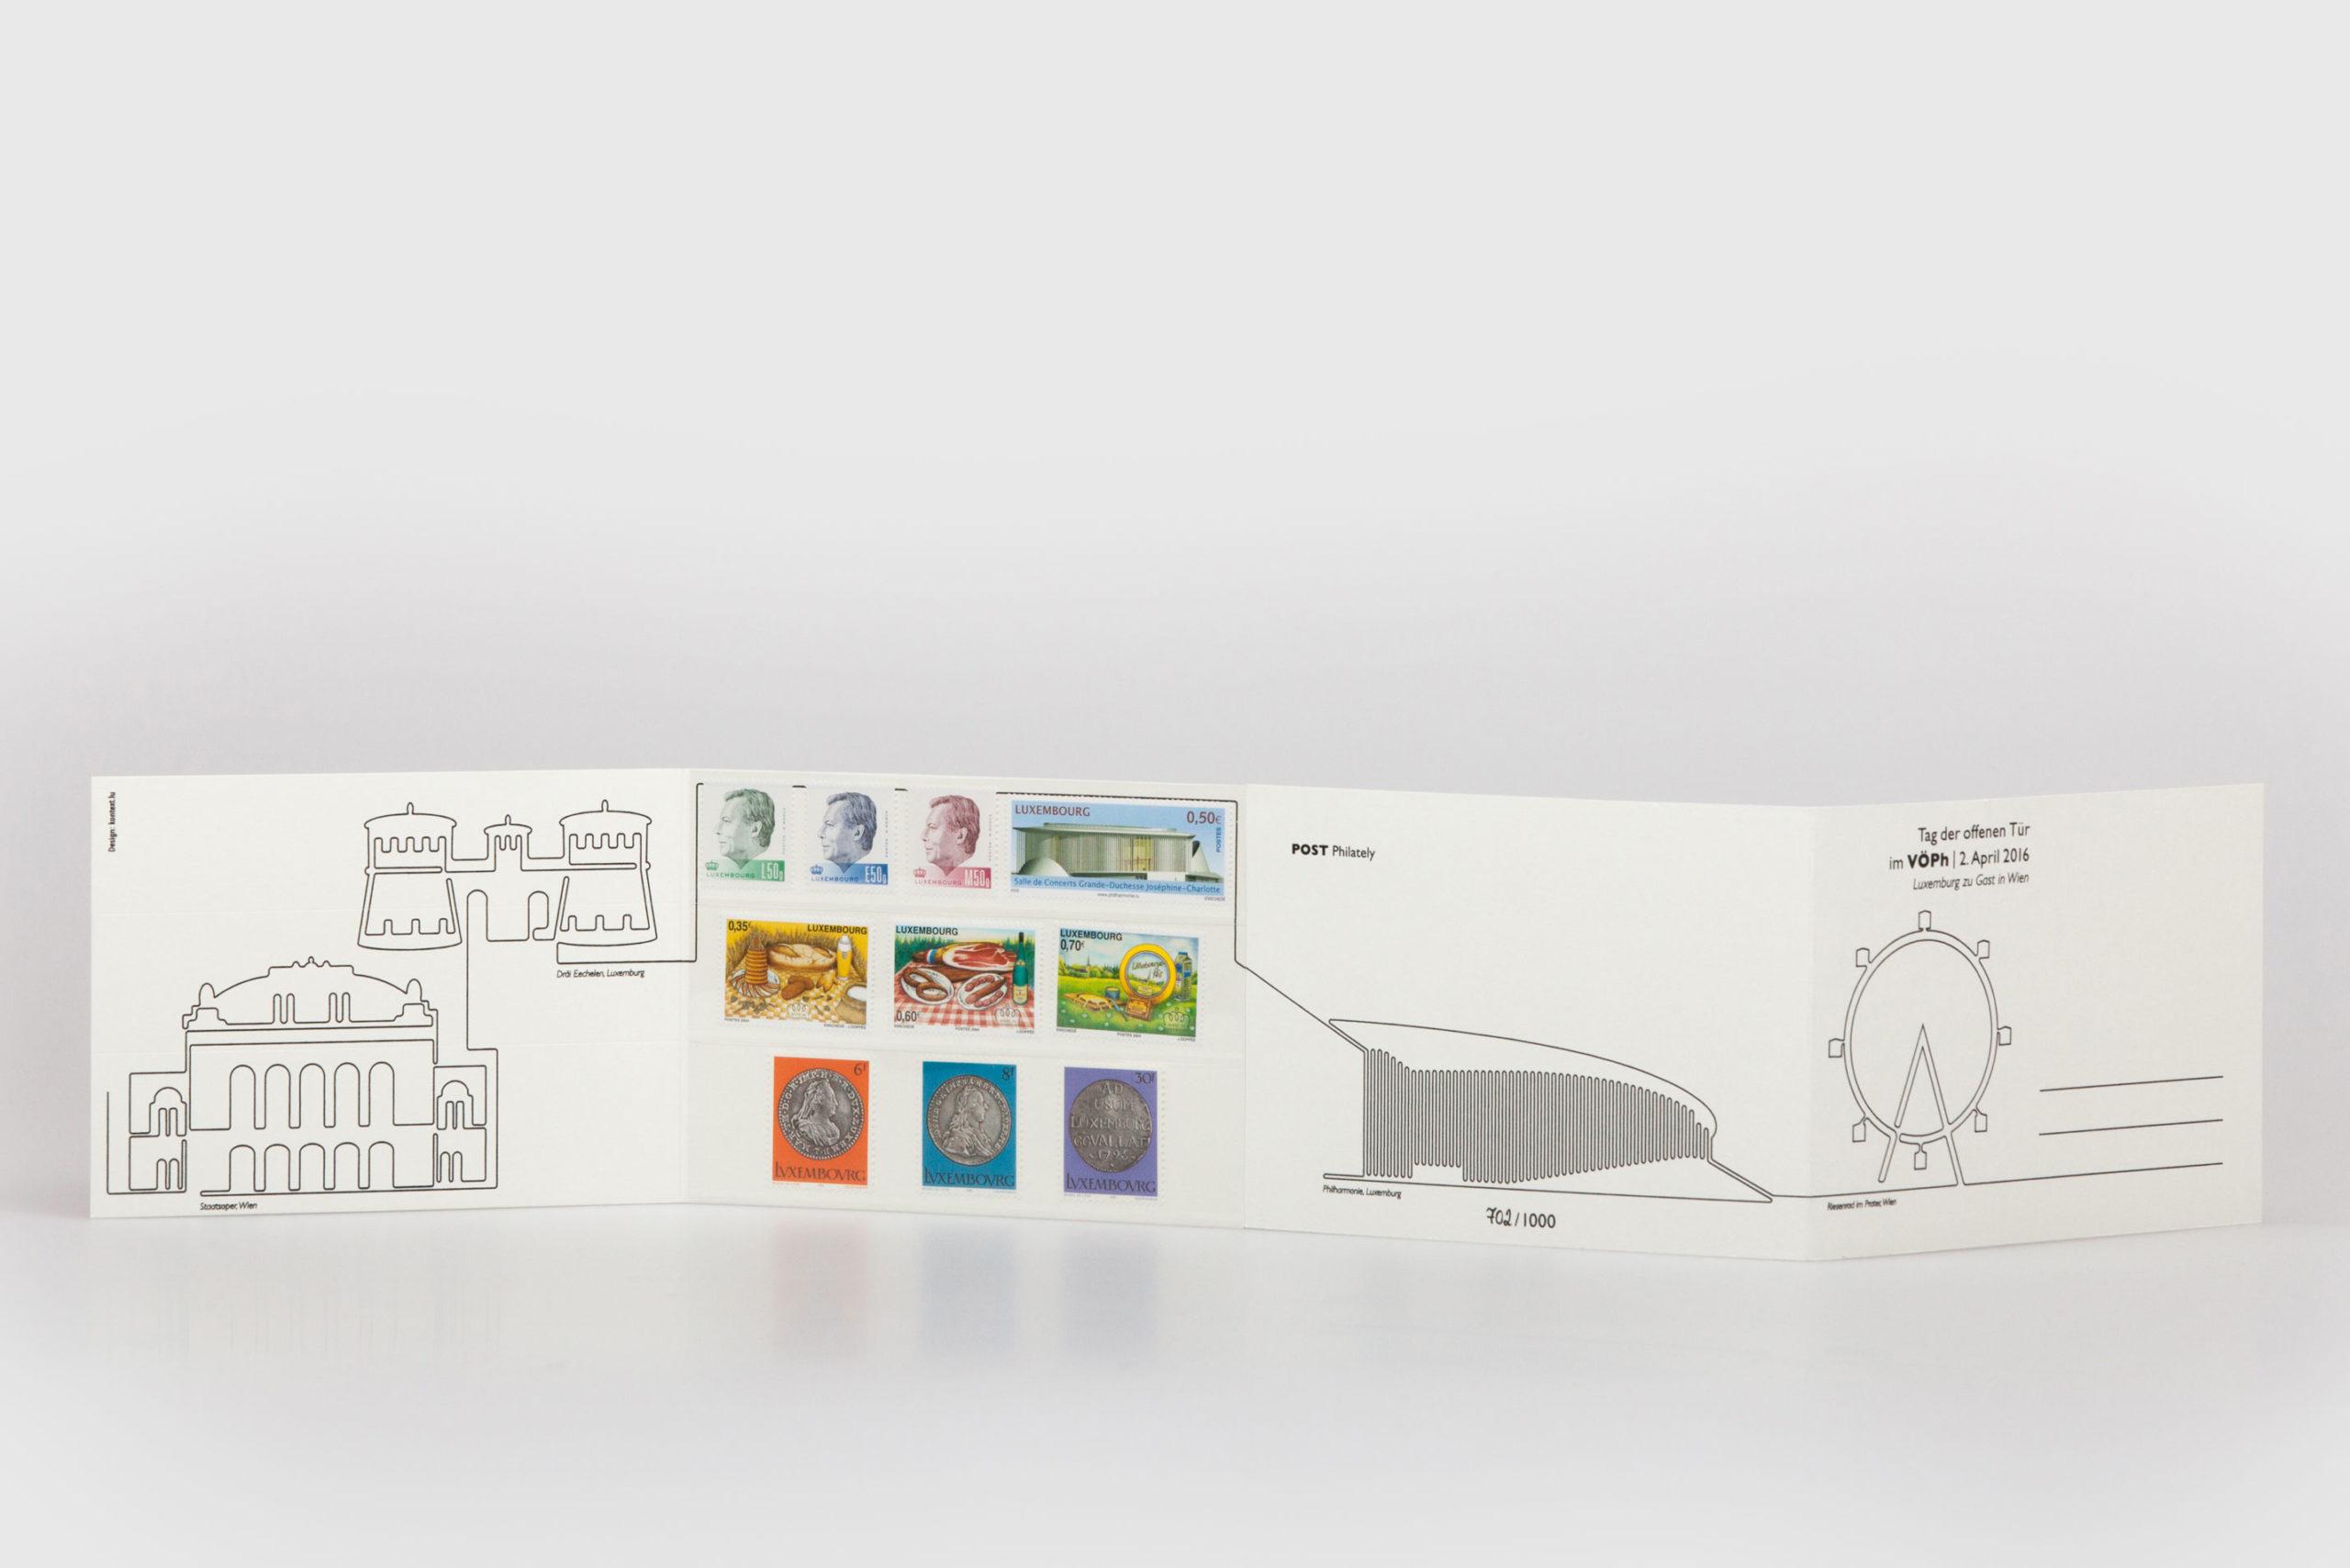 Philately Postkarte